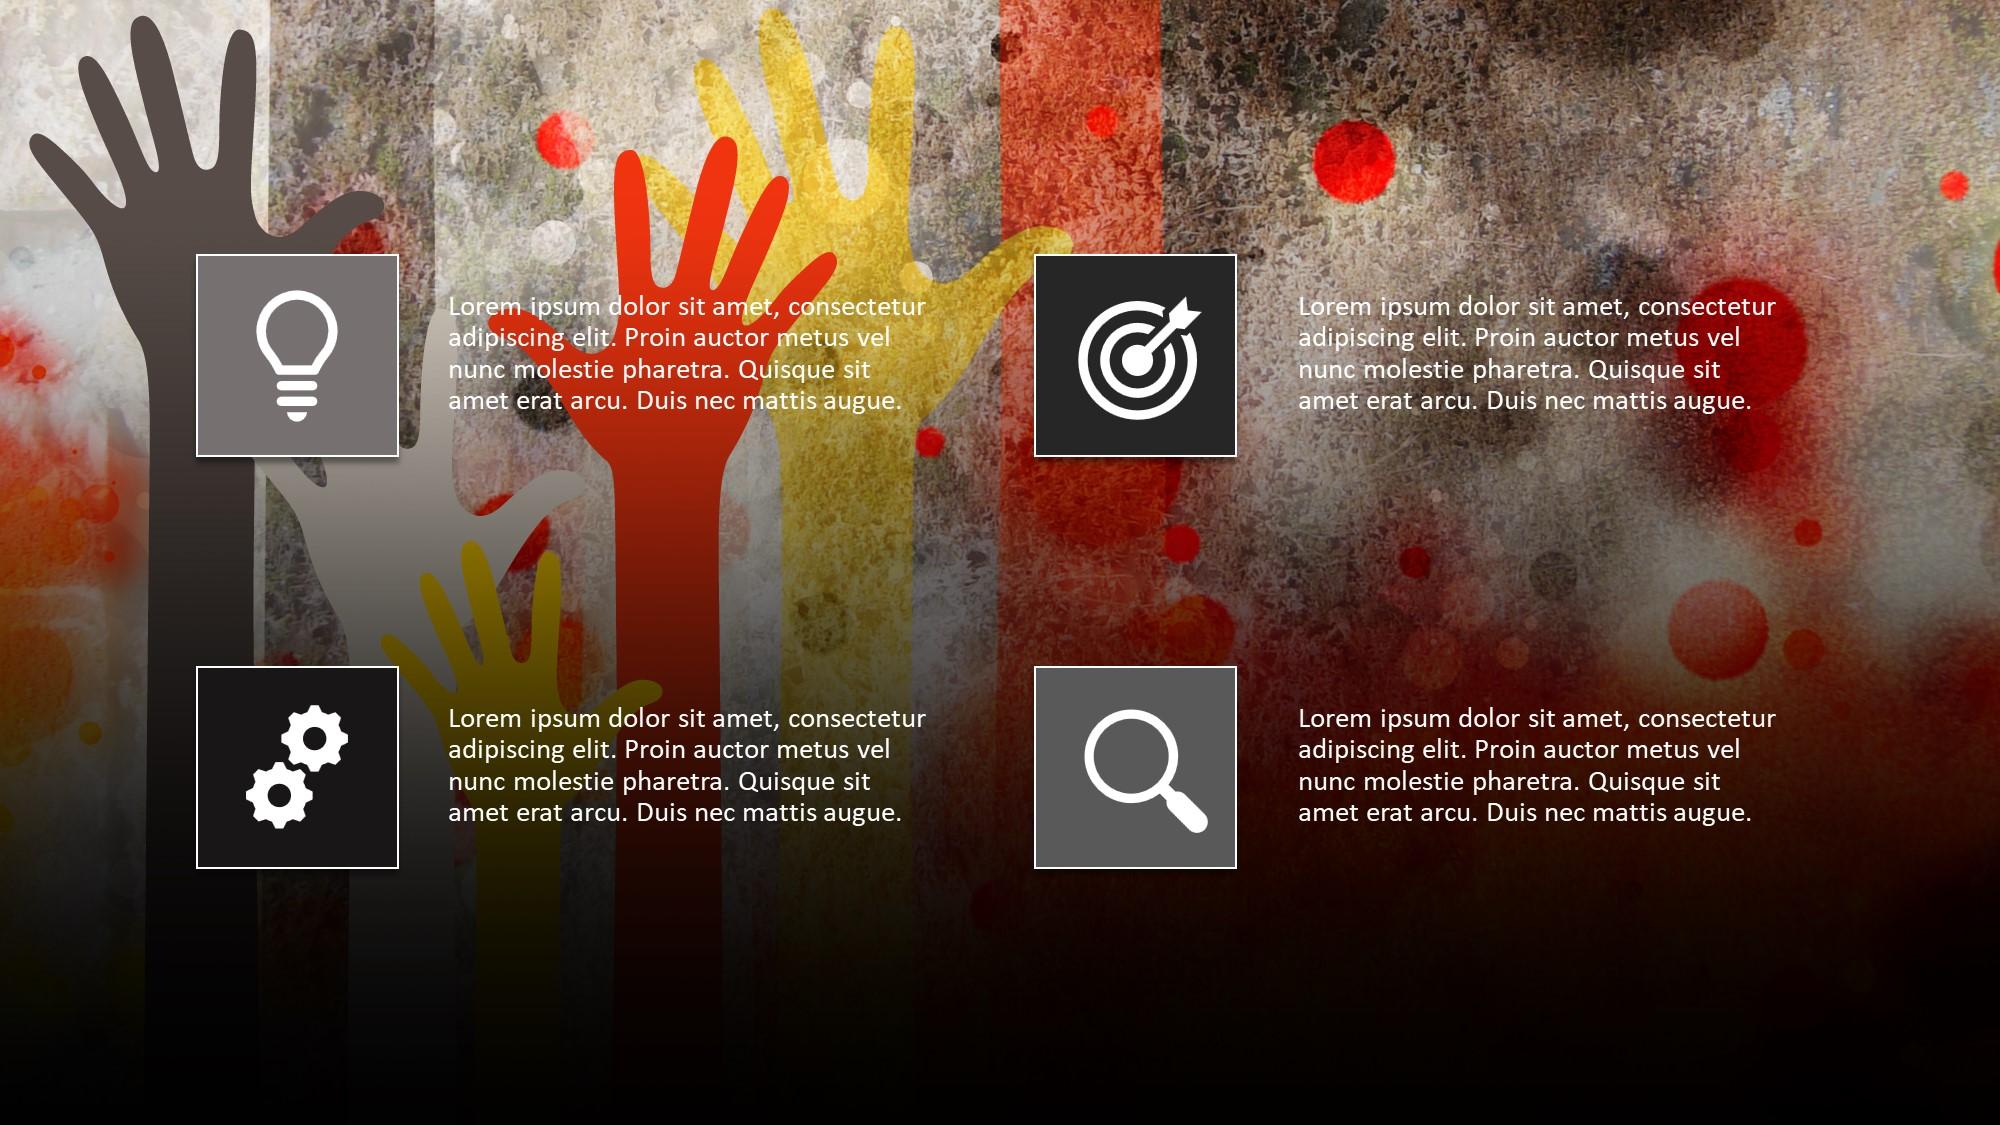 4 parts description slide